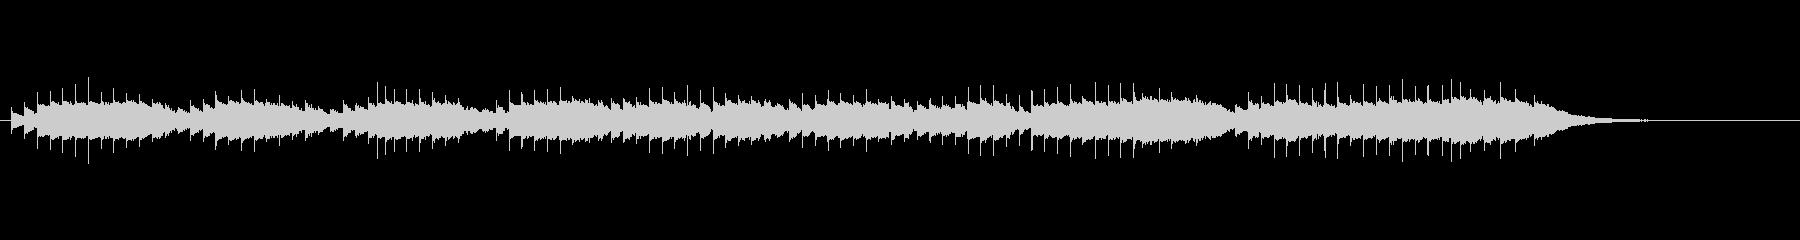 不気味なシンセサウンドの未再生の波形